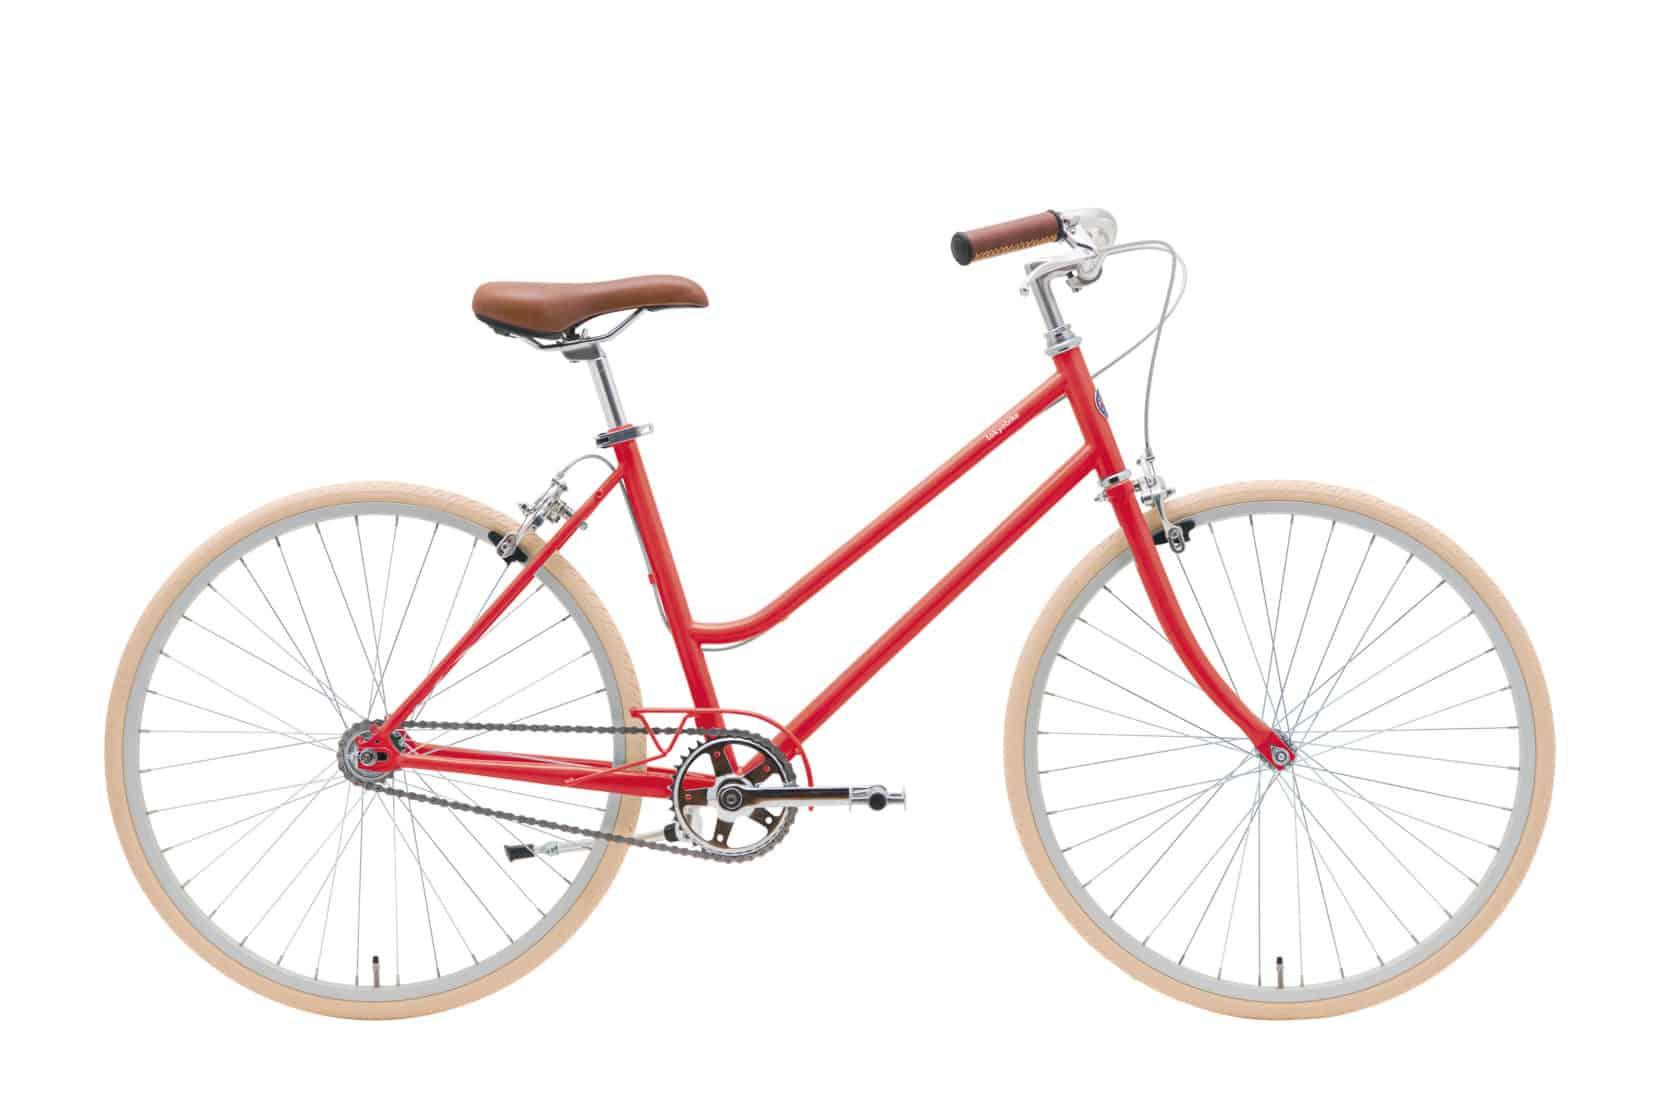 おしゃれな街乗り自転車 TOKYOBIKE LITE 自転車通勤 サイクリングにおすすめ